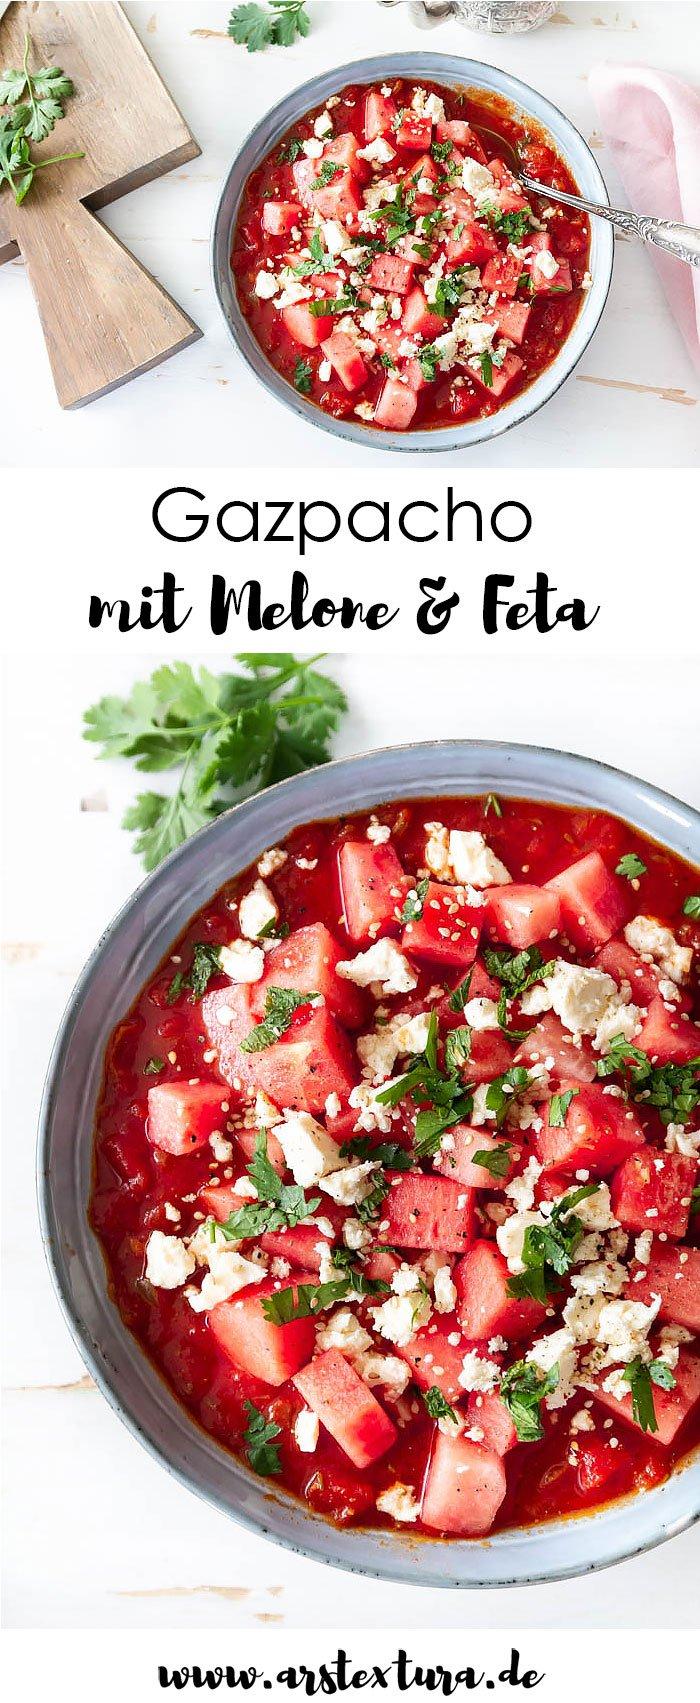 Rezept Gazpacho mit Melone und Feta - ein tolles Sommerrezept aus der spanischen Küche